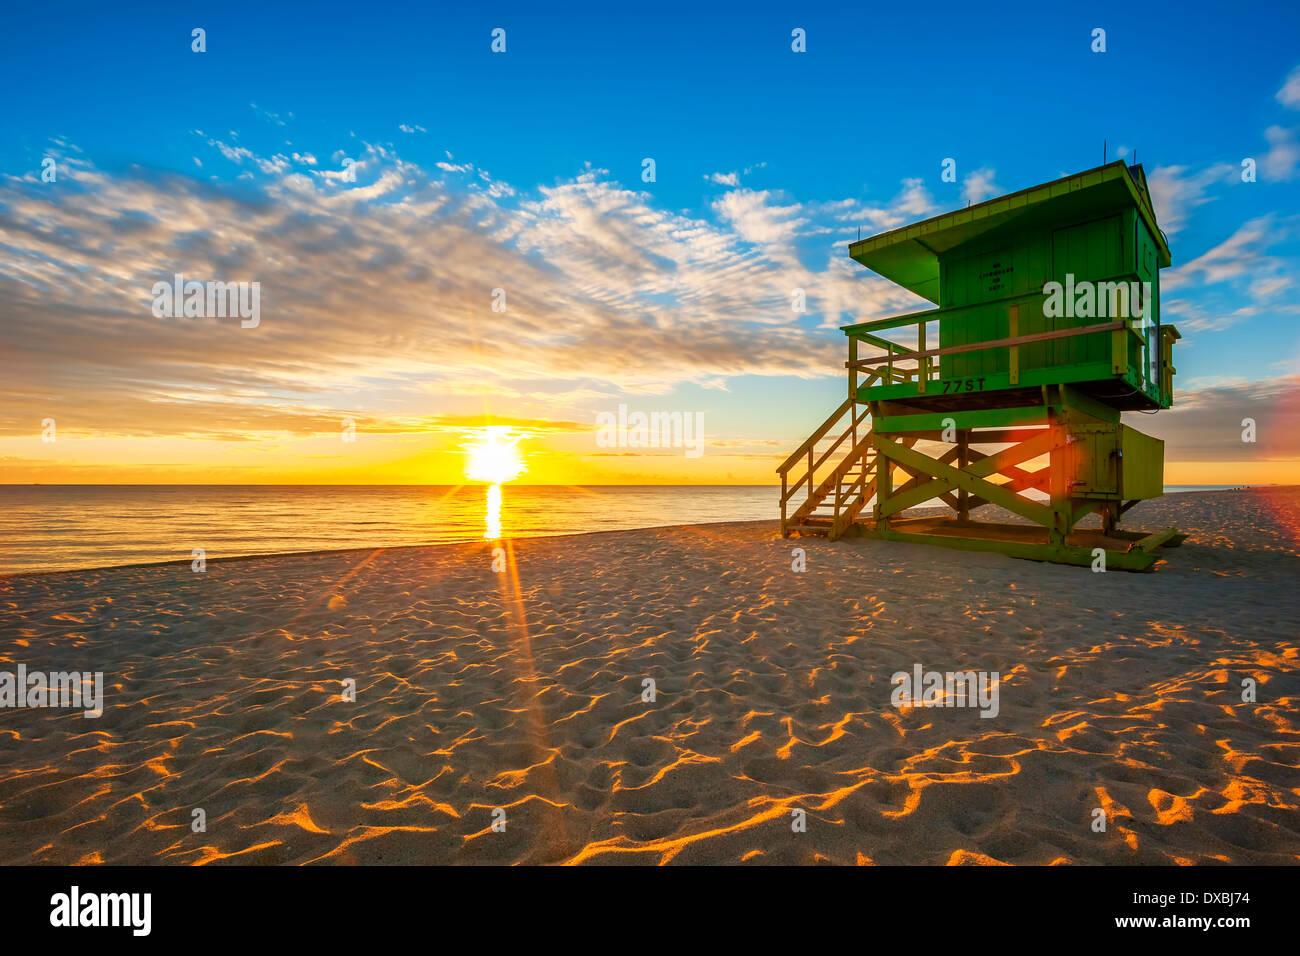 La famosa Miami South Beach sunrise con torre de socorrista Imagen De Stock